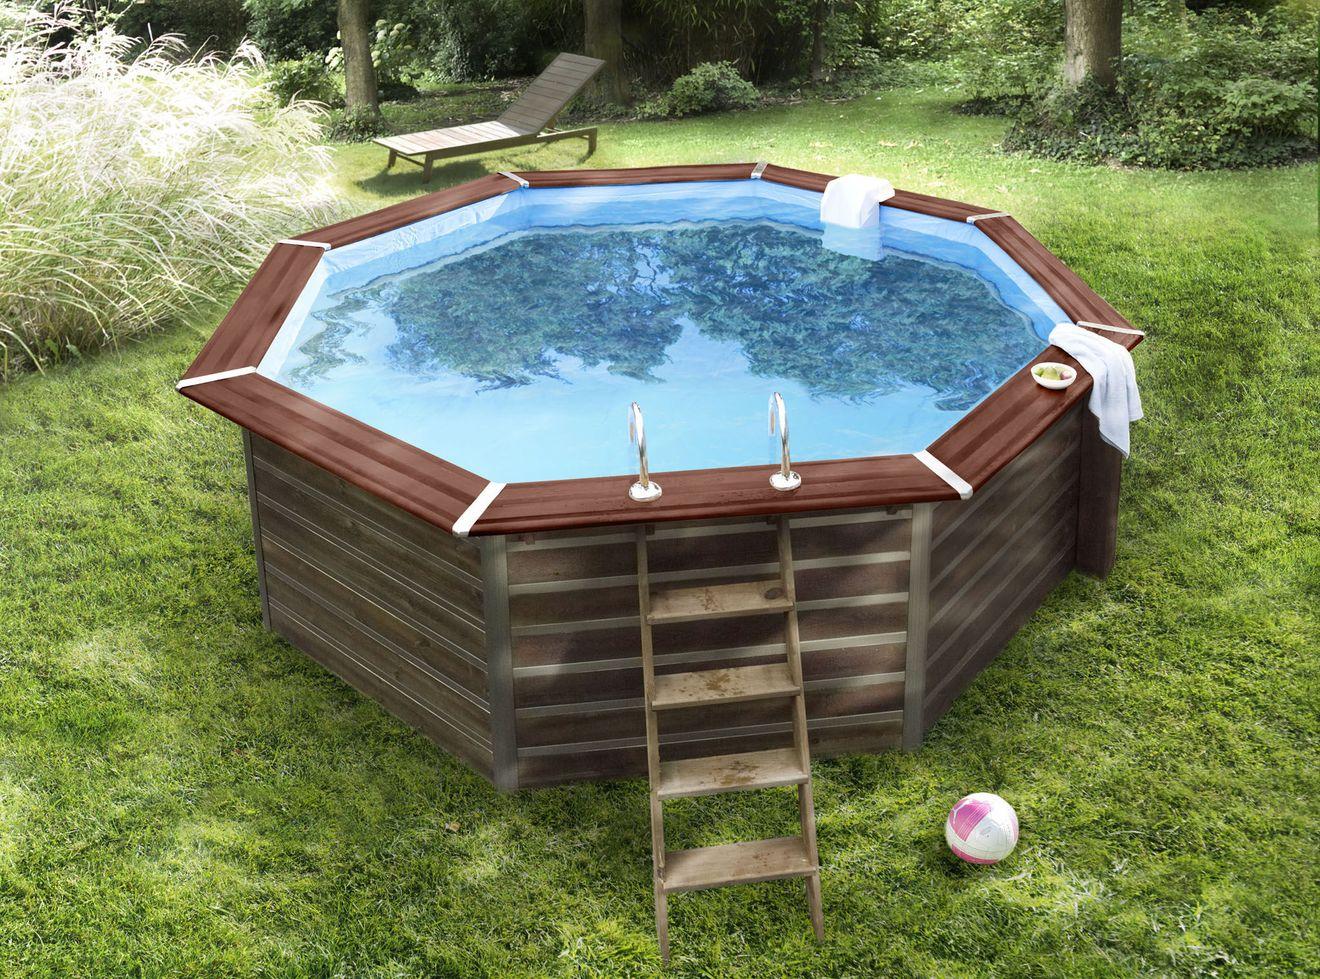 Piscine Hors Sol Bois Petite Dimension piscine bois pas cher piscine hors sol bois ovale promanip